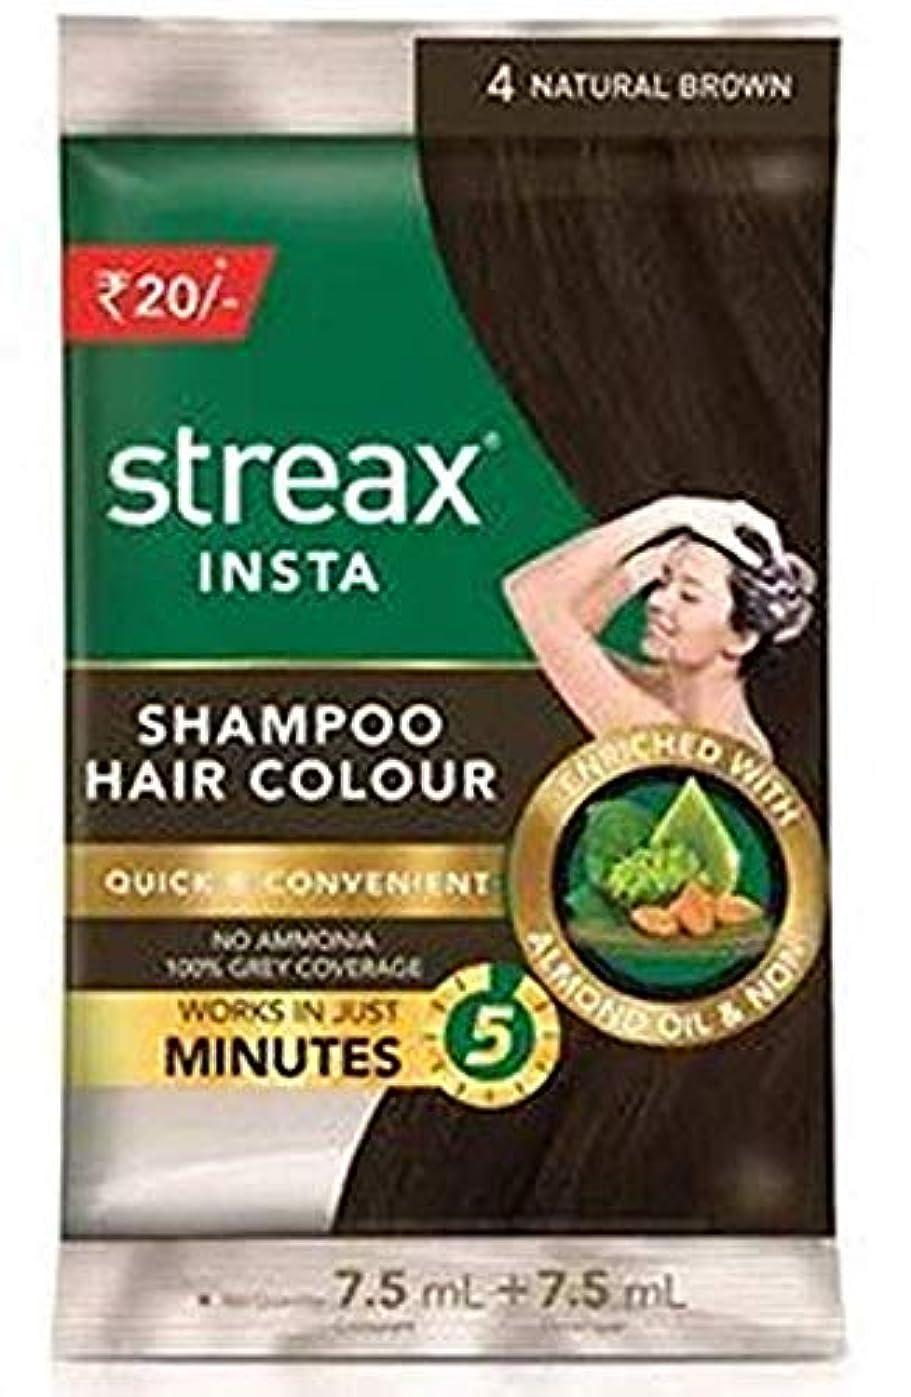 主観的反論カタログOmg-deal Pack of 10 Natural Brown Streax Shampoo Hair Colour